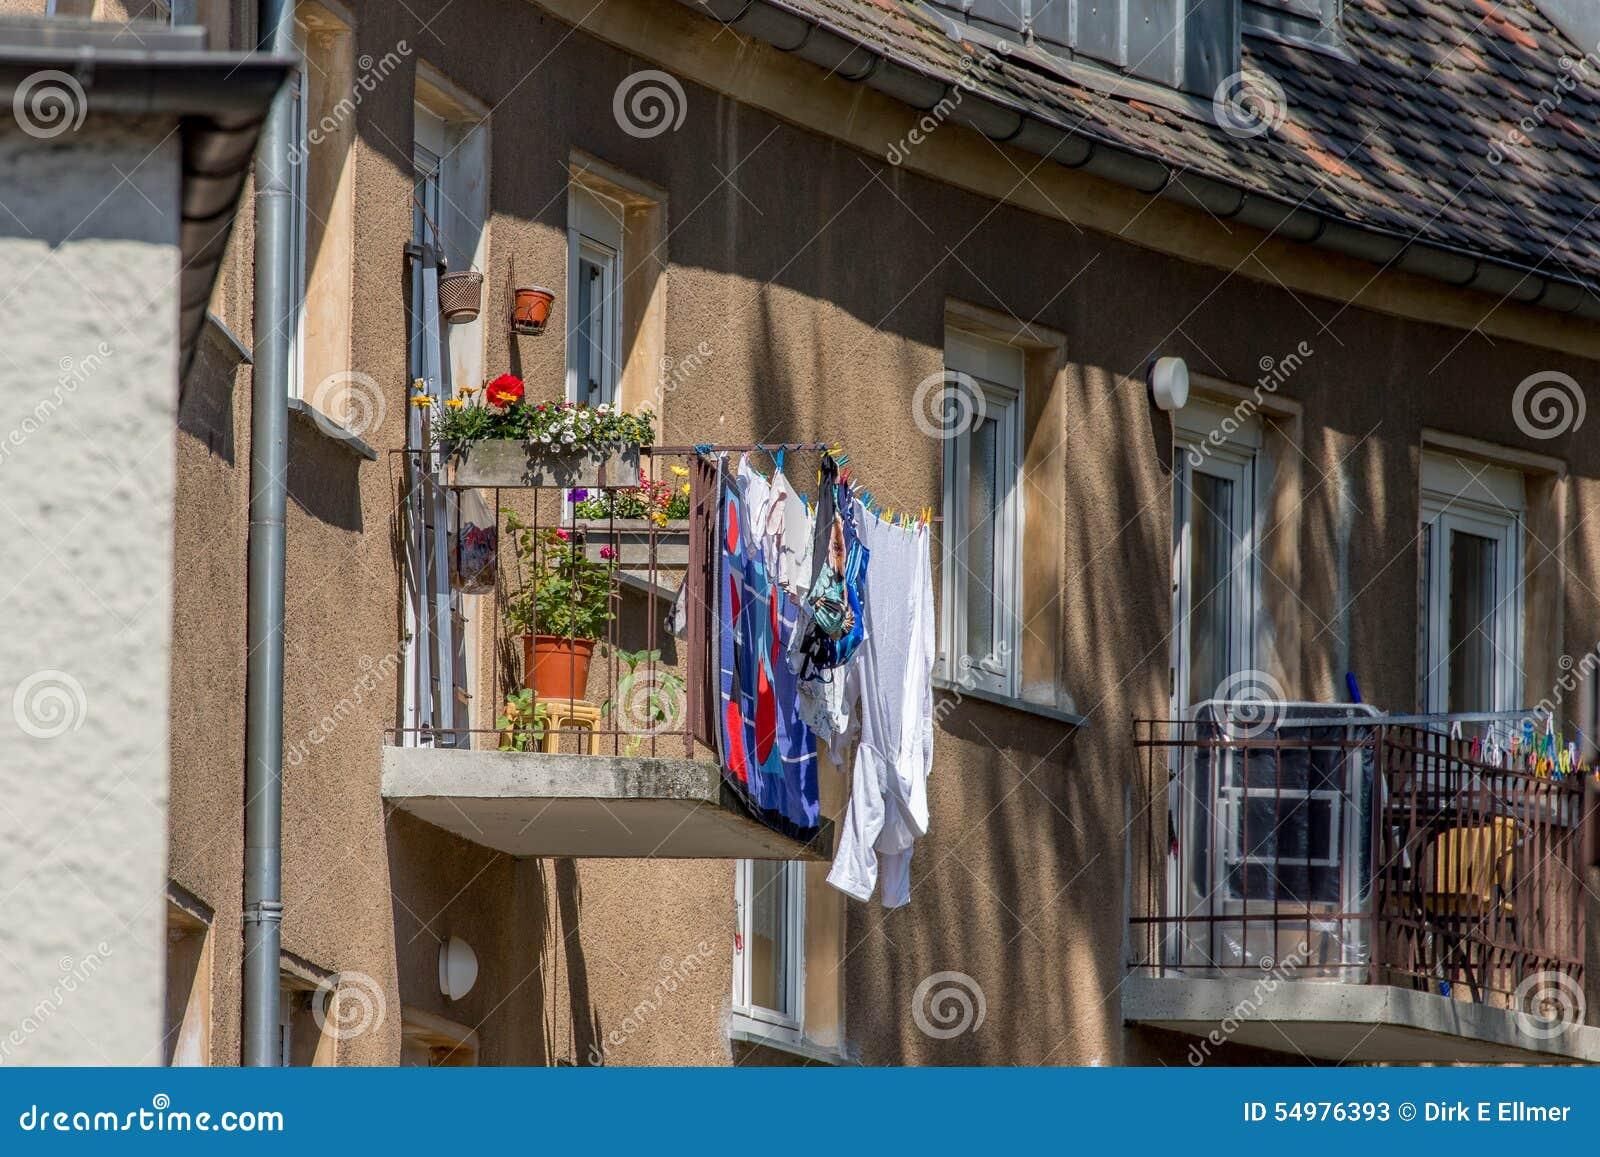 Μπαλκόνι - ενδύματα που ξεραίνουν το ράφι